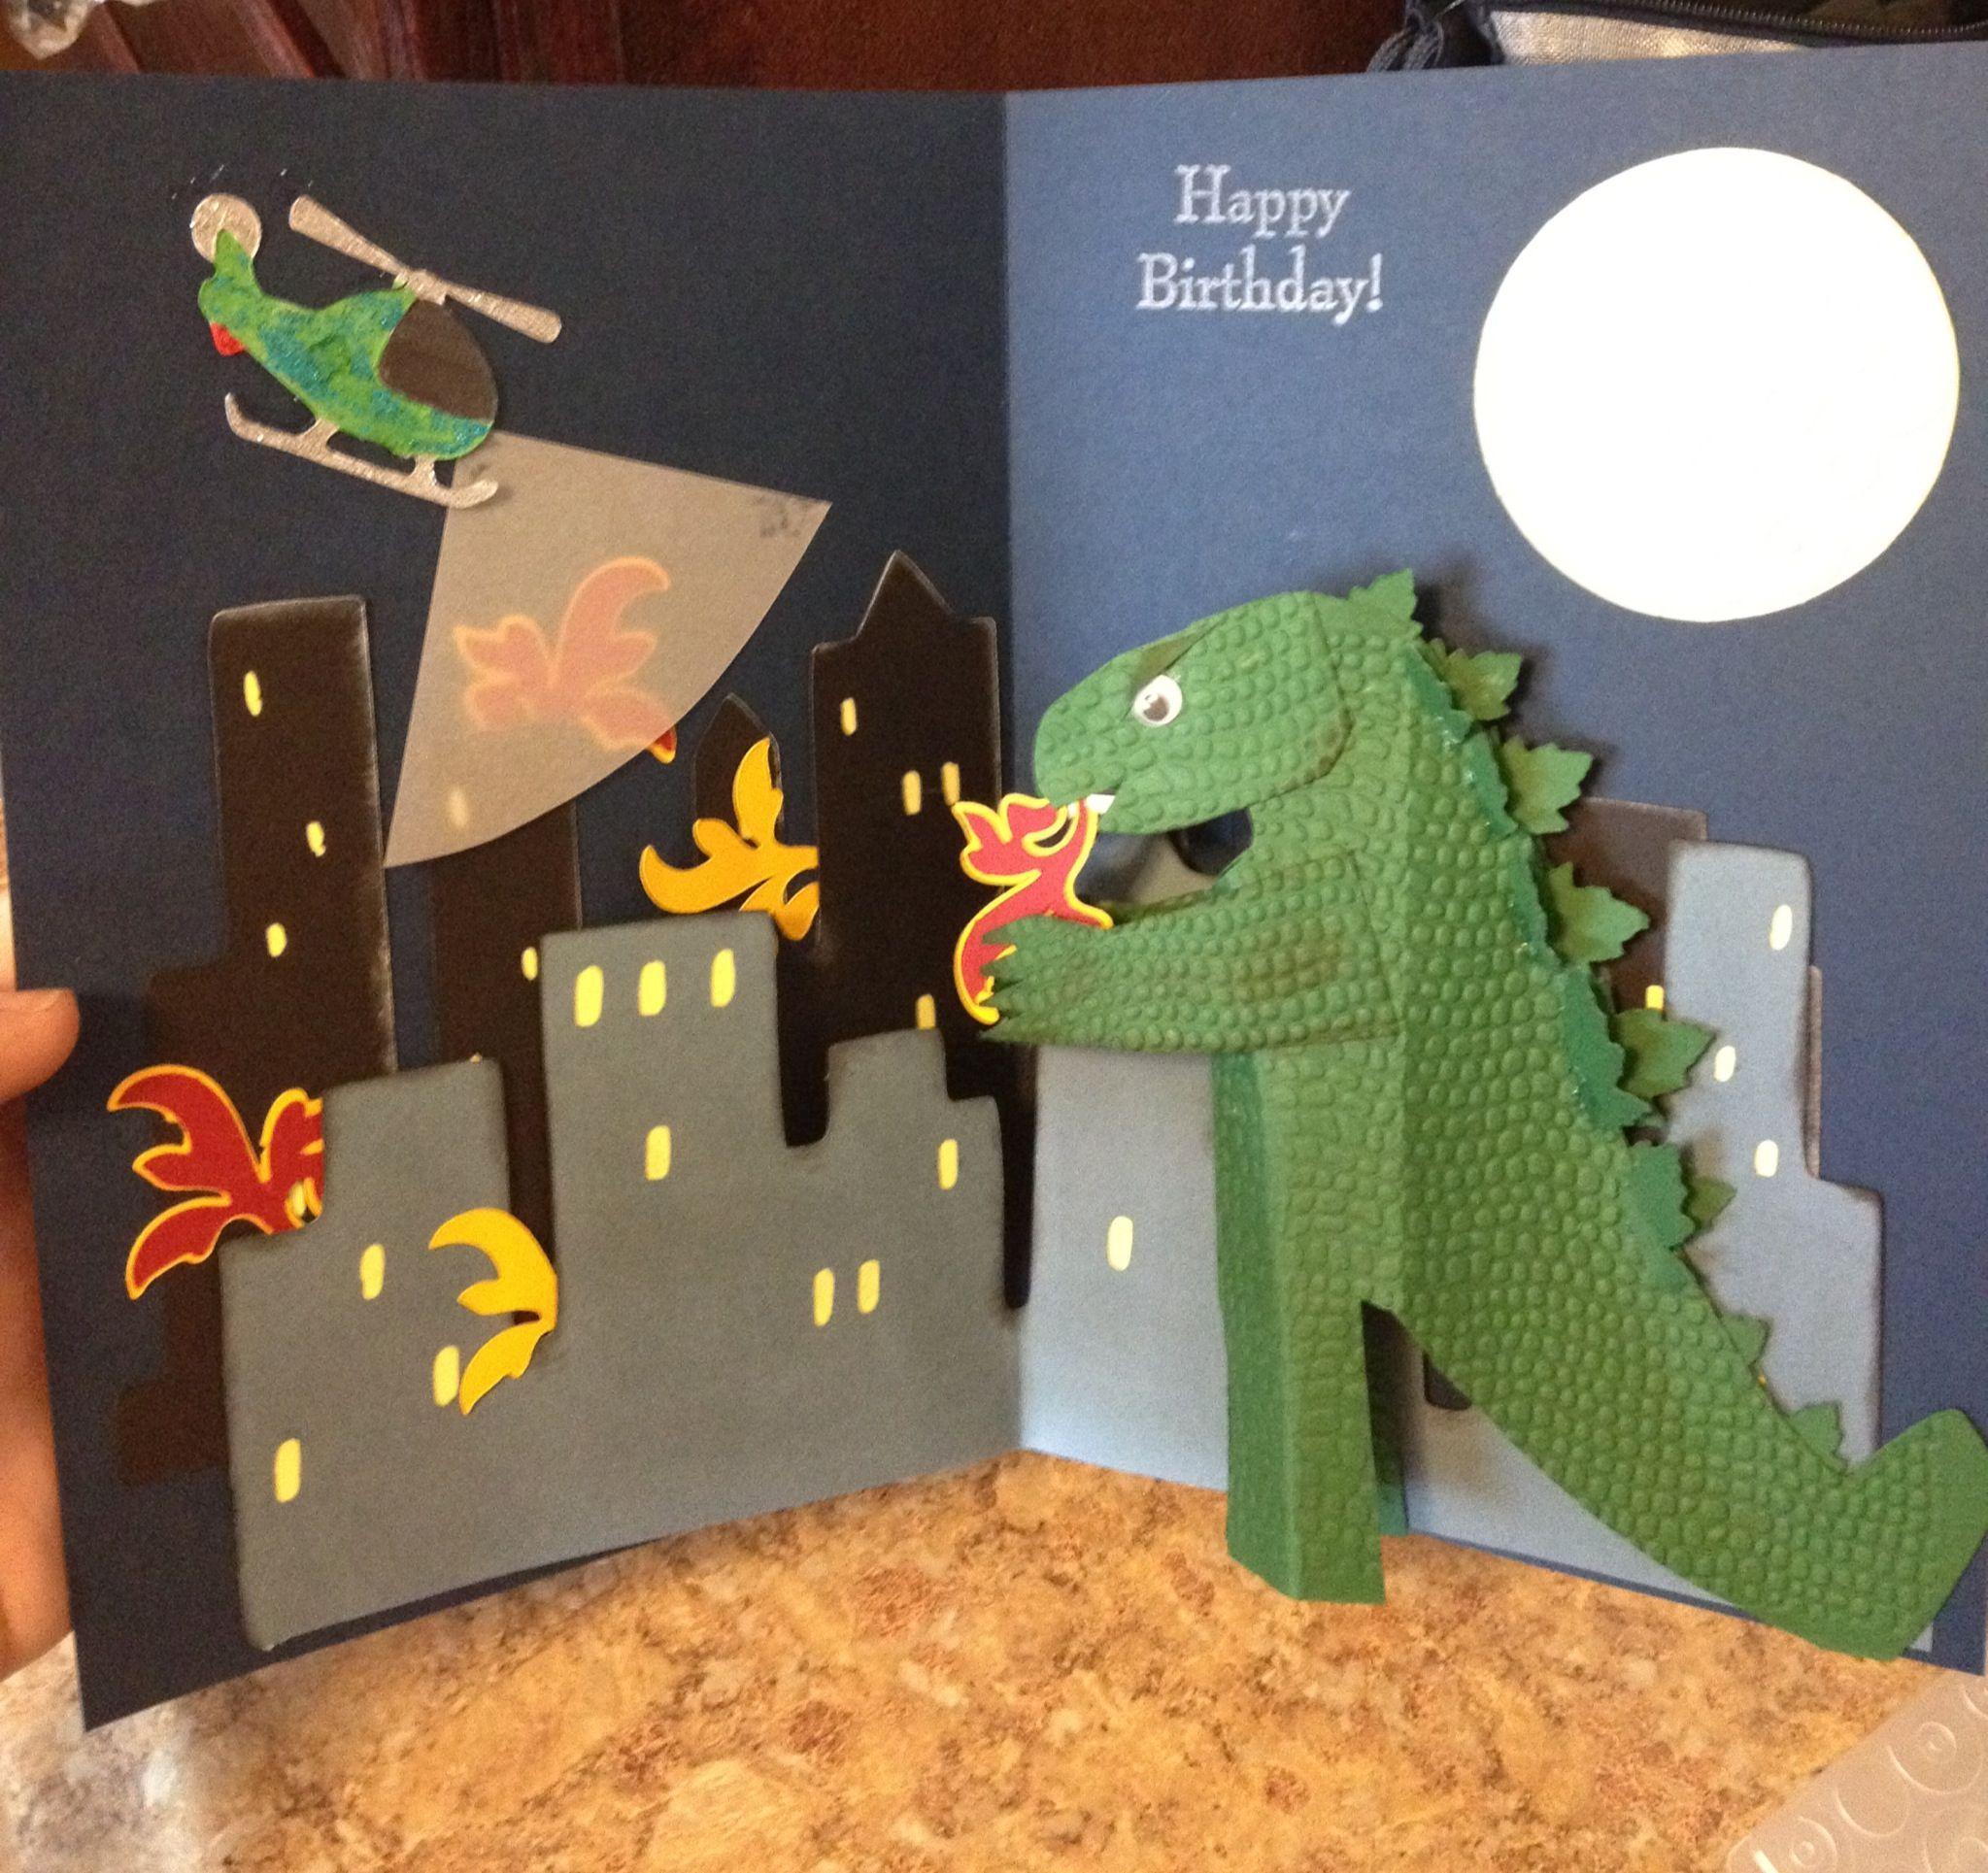 Godzilla Pop Up Birthday Card By Kimberly Heath Godzilla Birthday Godzilla Birthday Party Birthday Cards